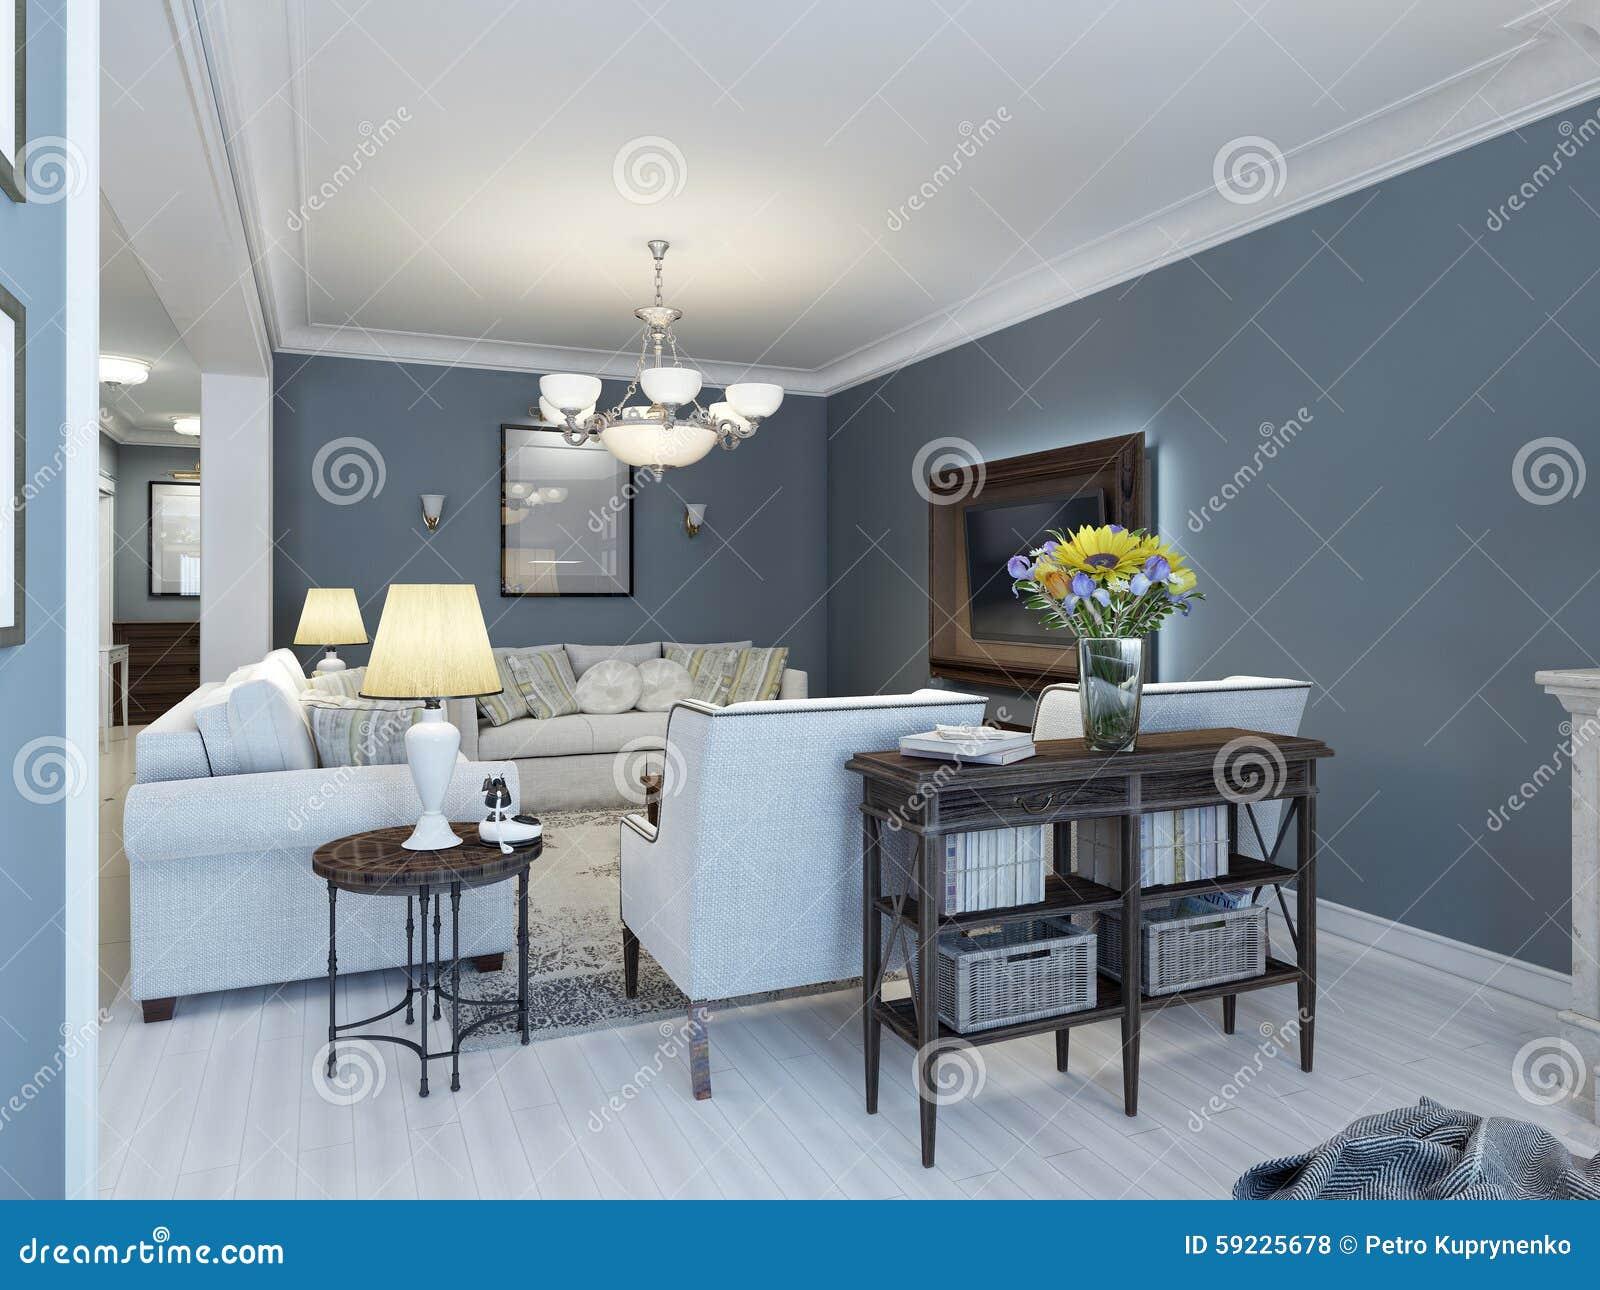 Idea del salón clásico con las paredes de la marina de guerra